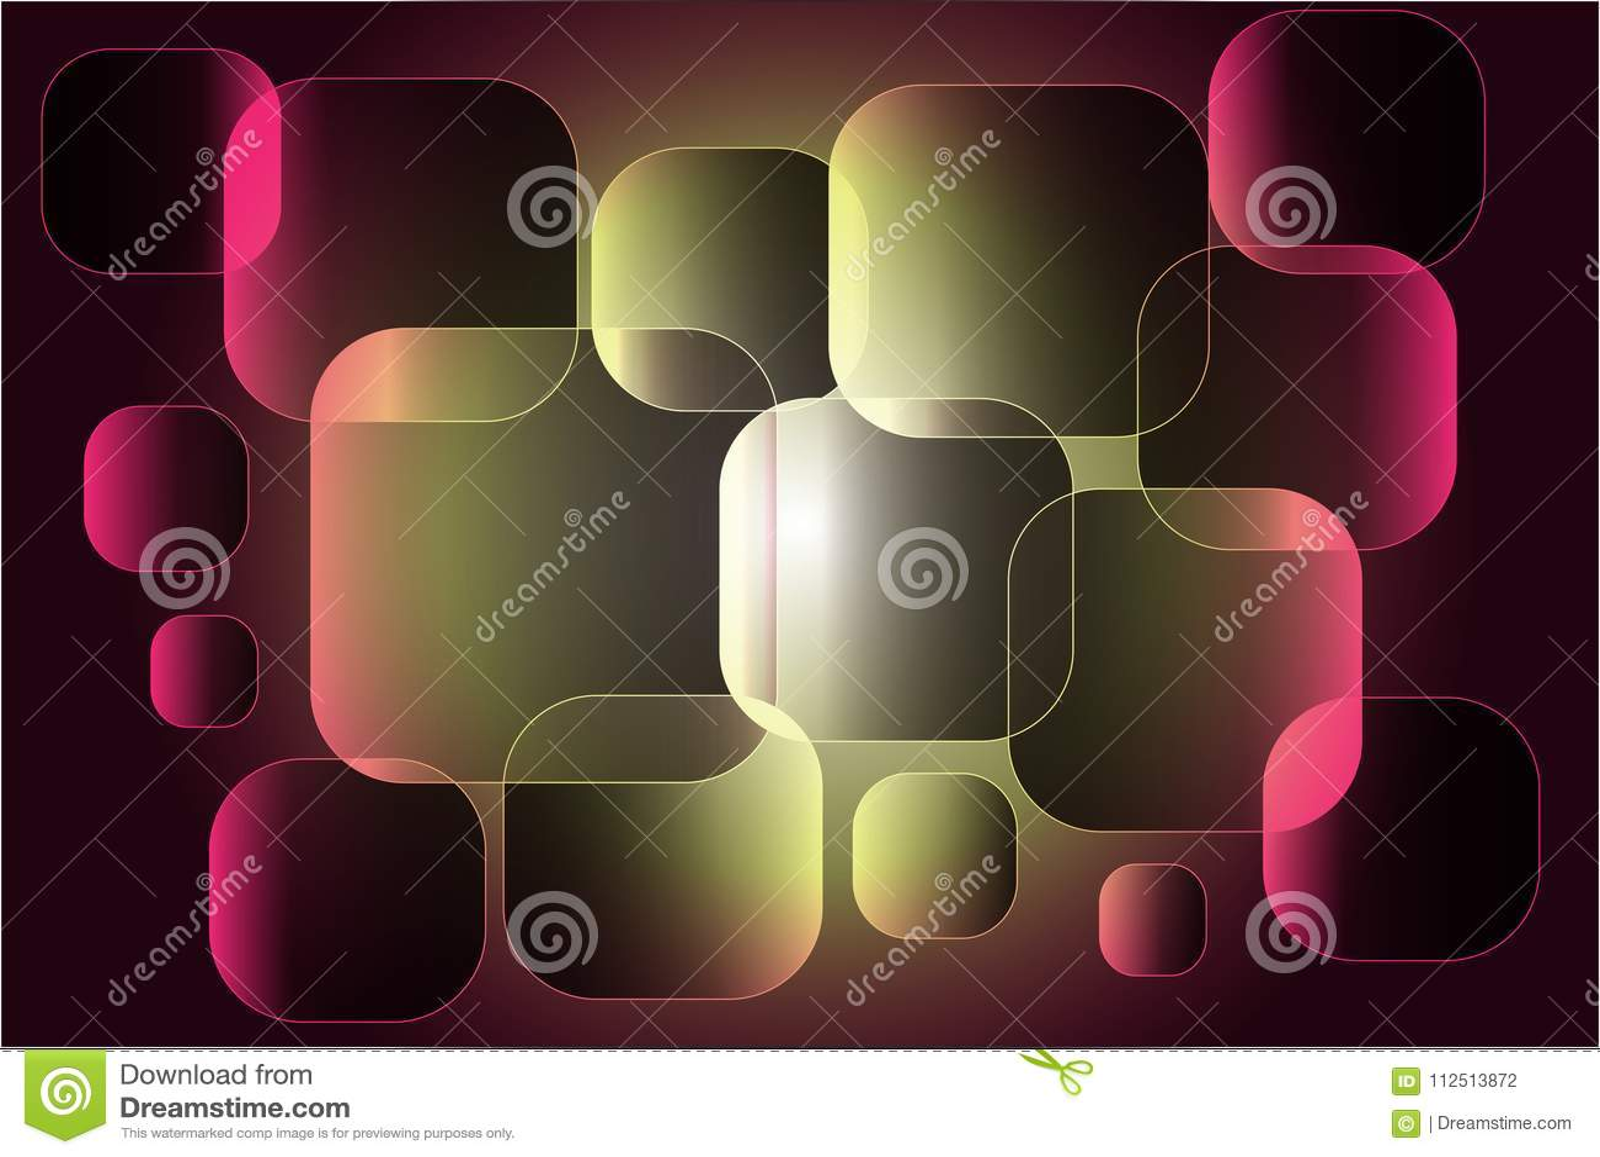 Composición abstracta de los cuadrados puestos encima de uno a